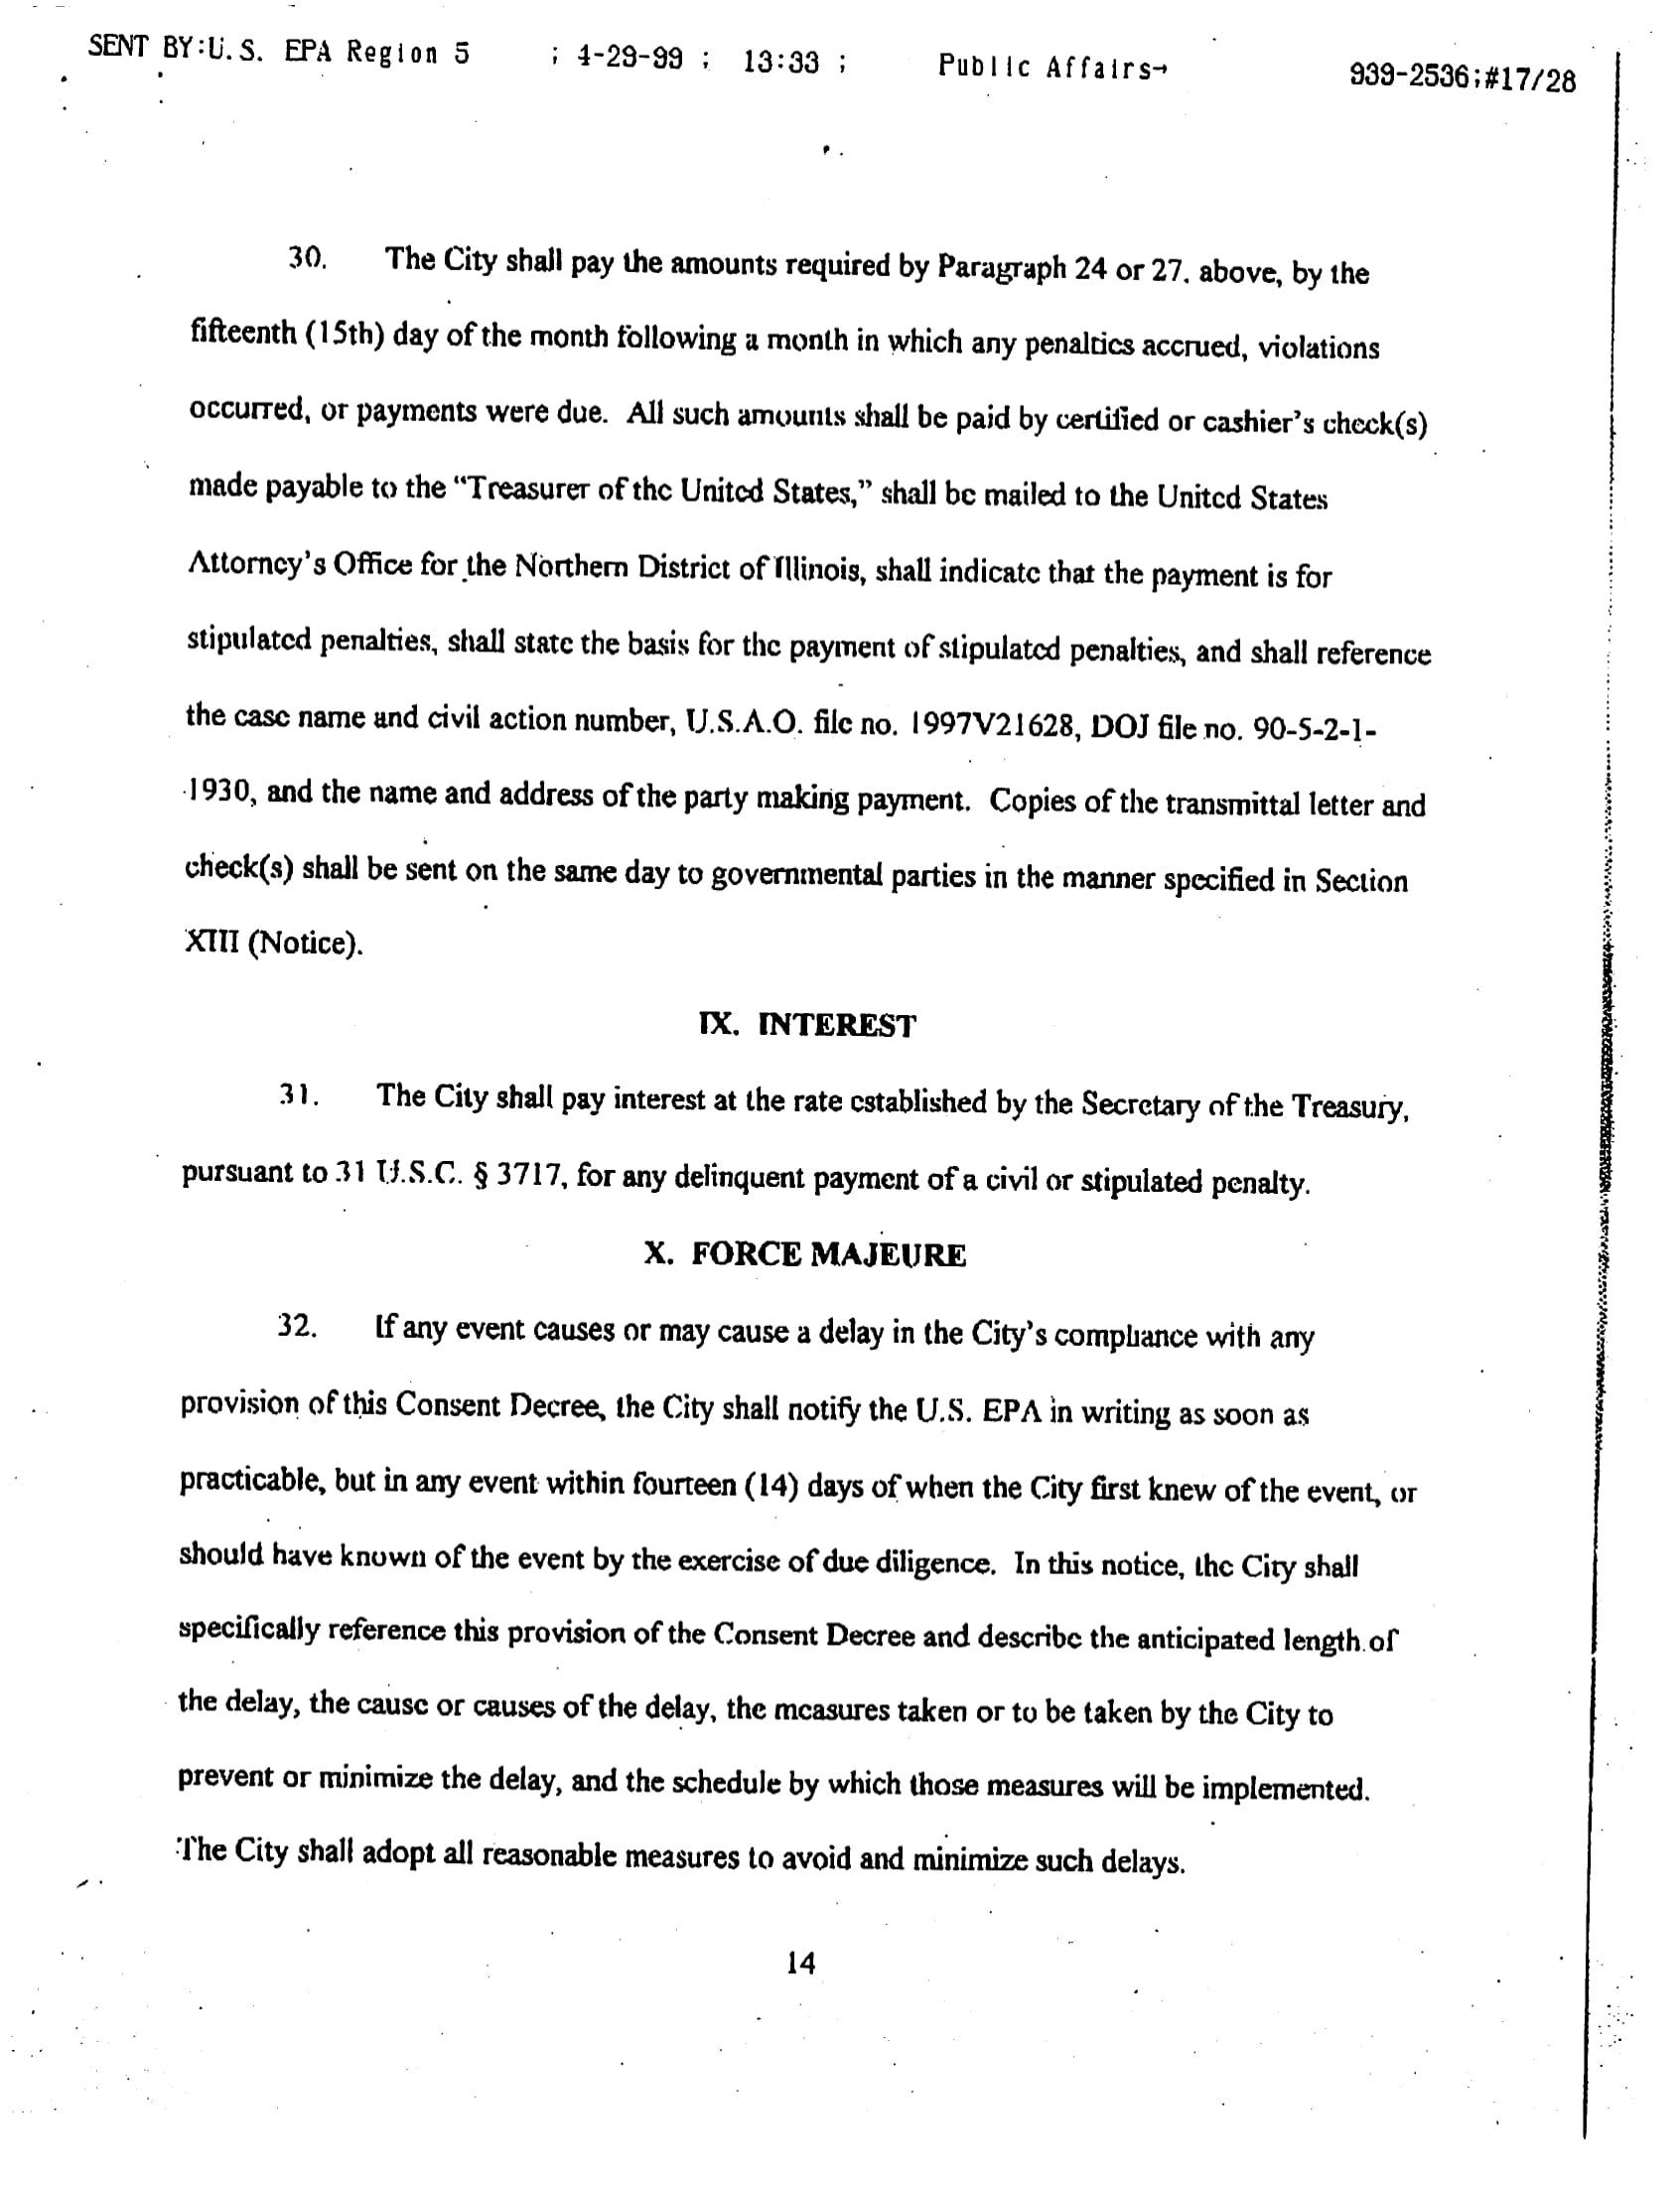 EPA Chicago Settlement-16.jpg